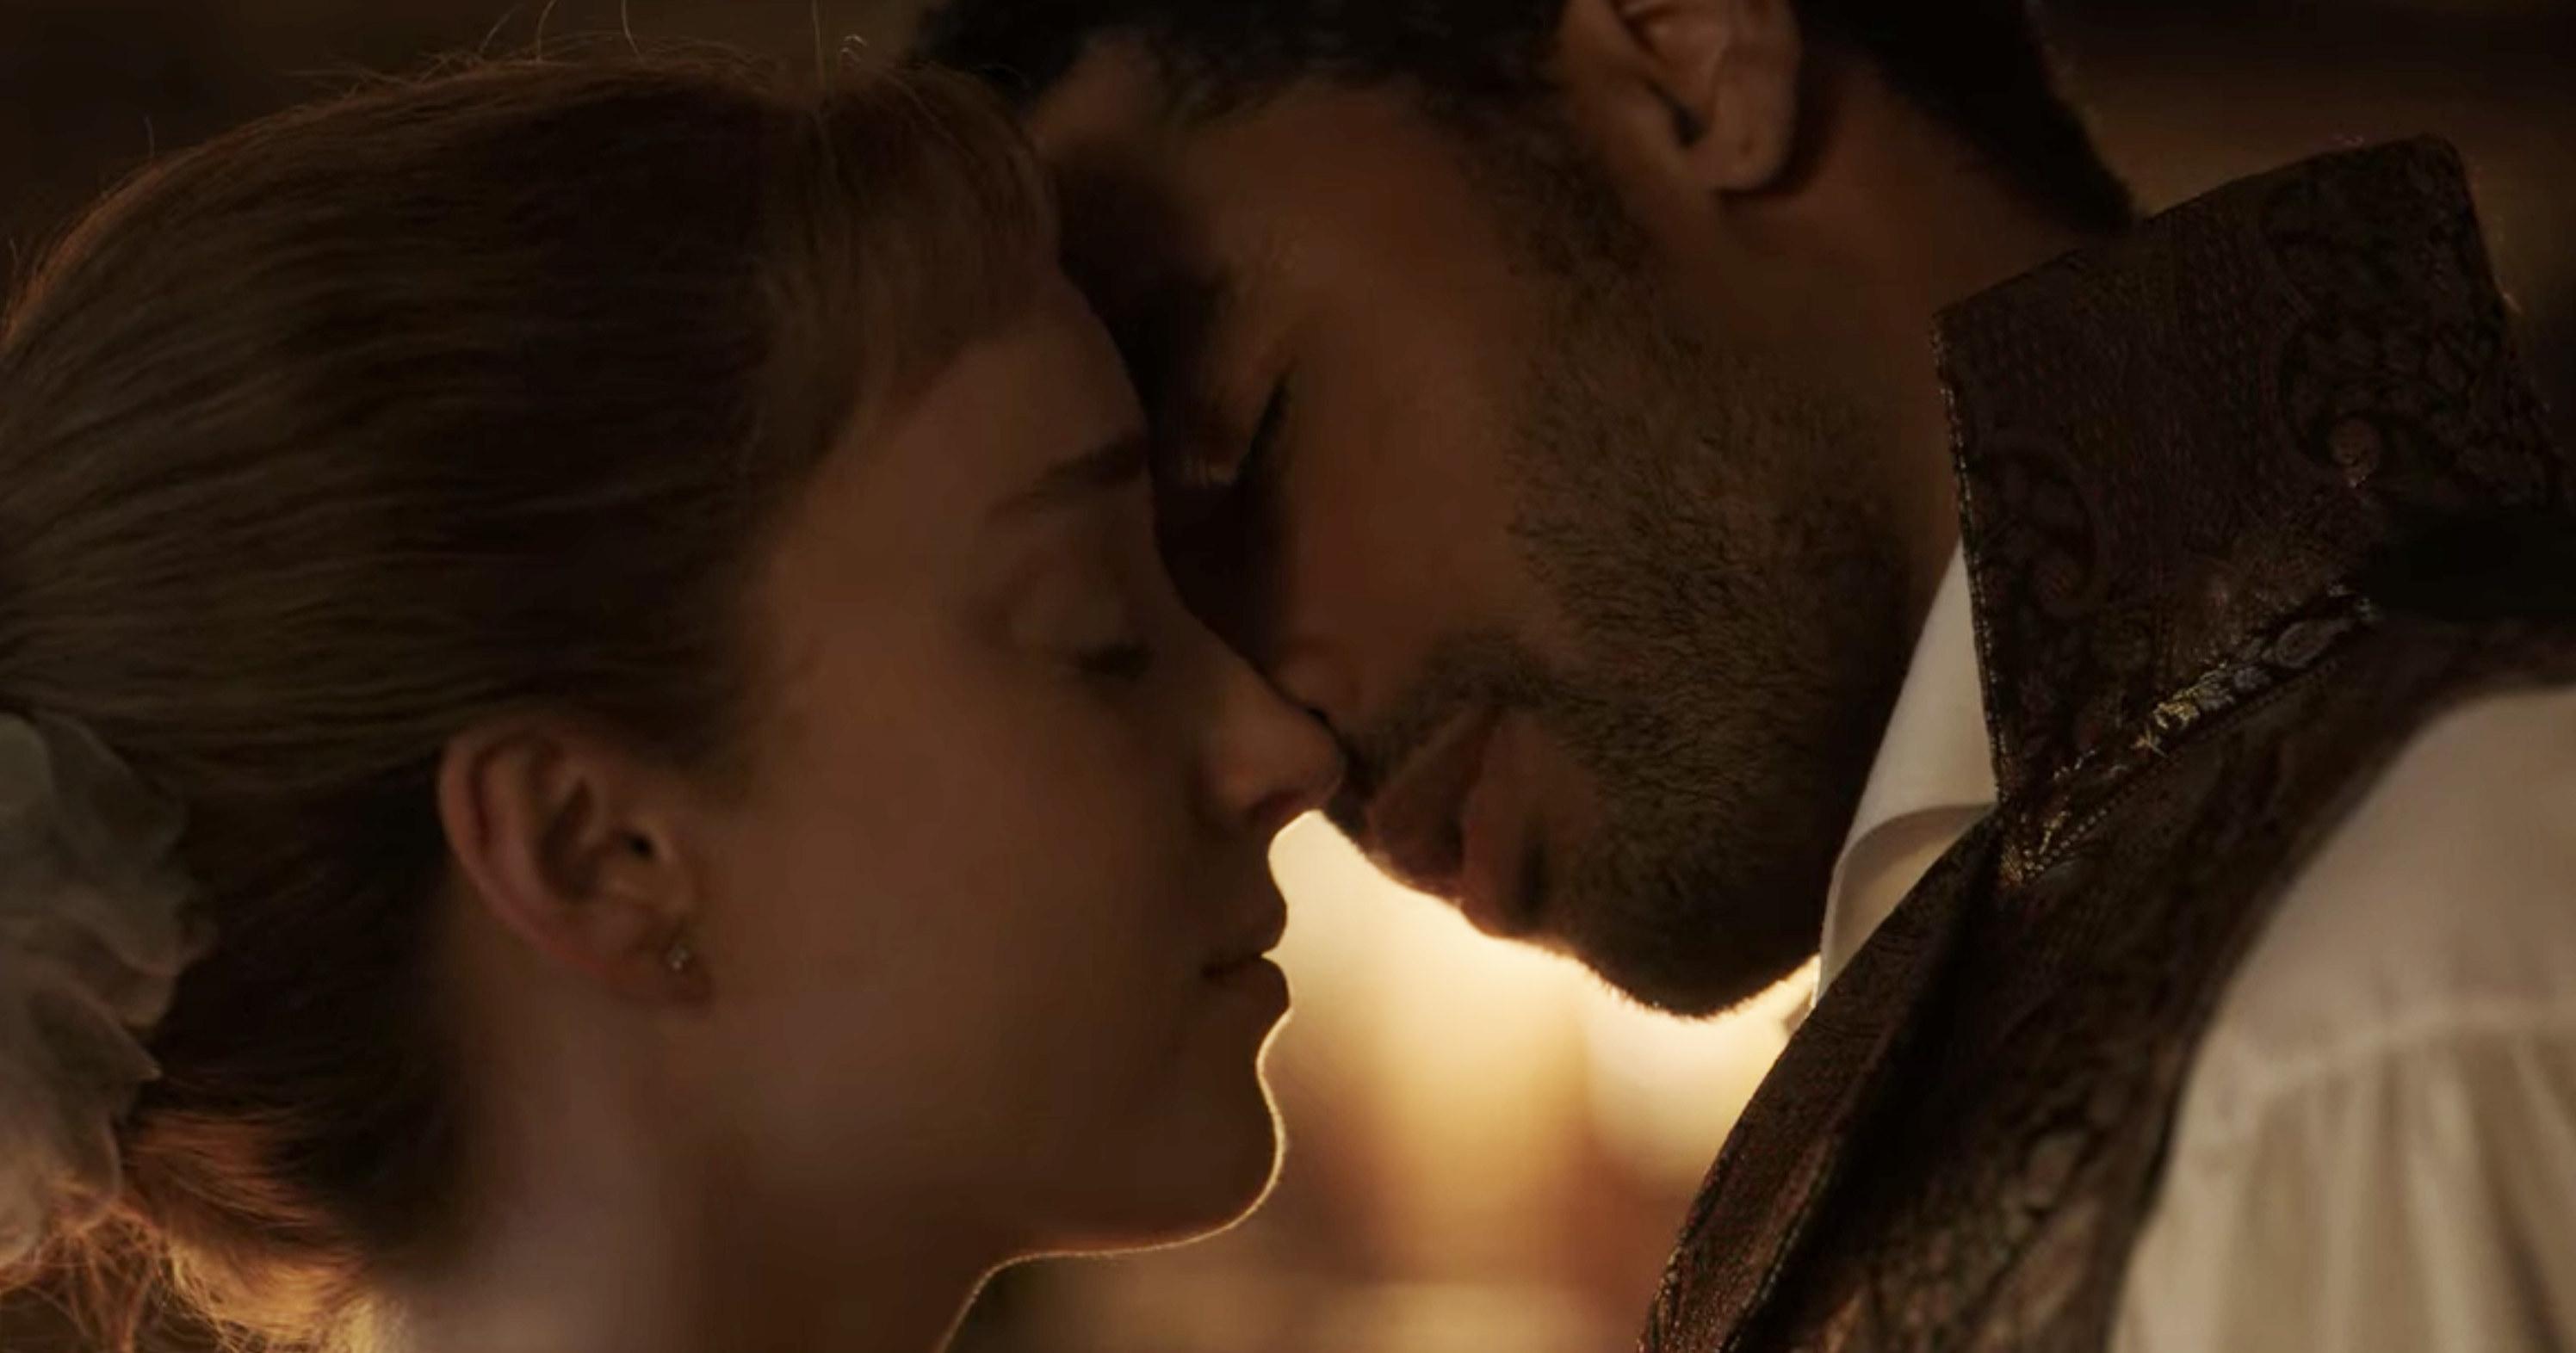 Simon and Daphne kissing